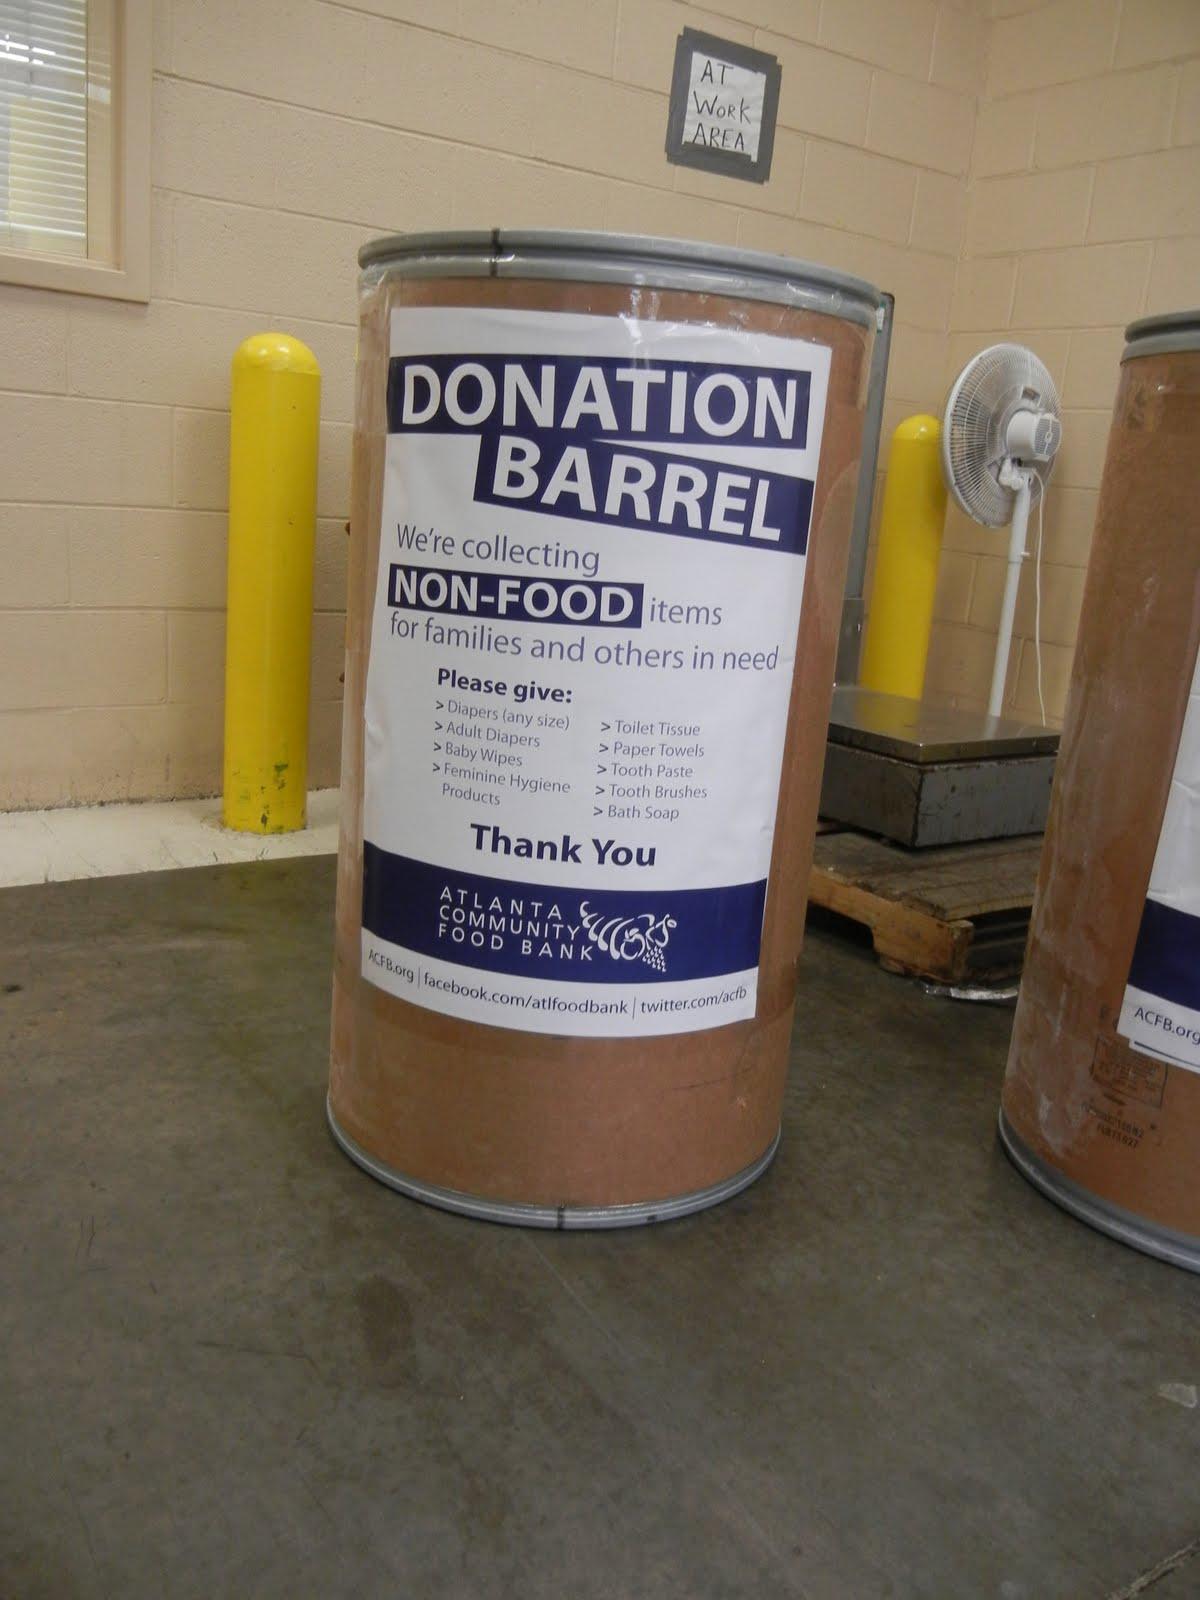 Sojourner Marable Grimmett 200 000 Diaper Donation From